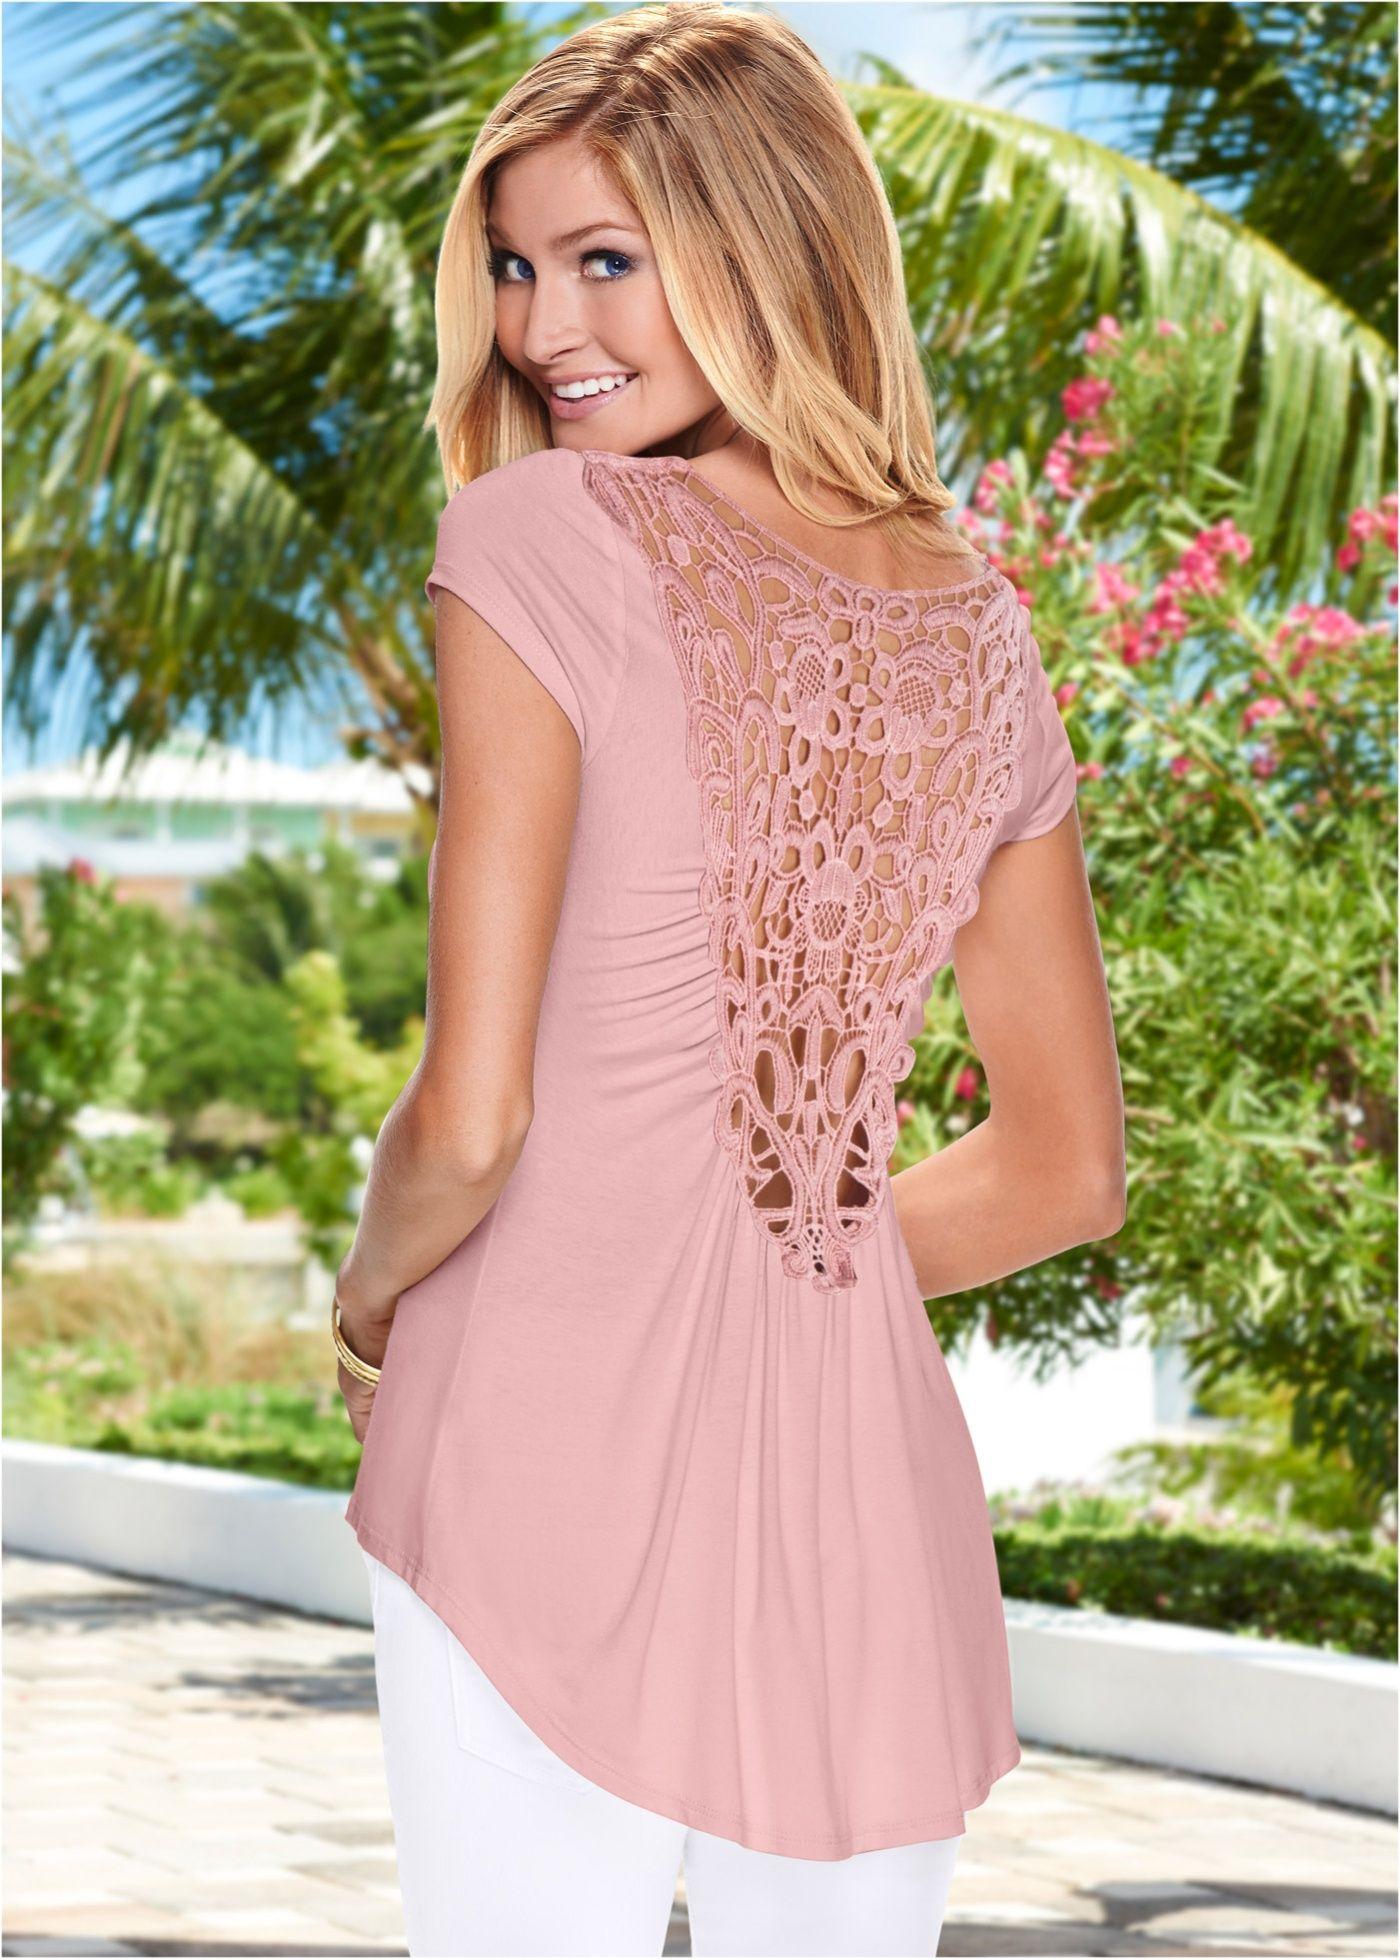 ad38f6ac47 Blusa mullet rosa antigo encomendar agora na loja on-line bonprix ...